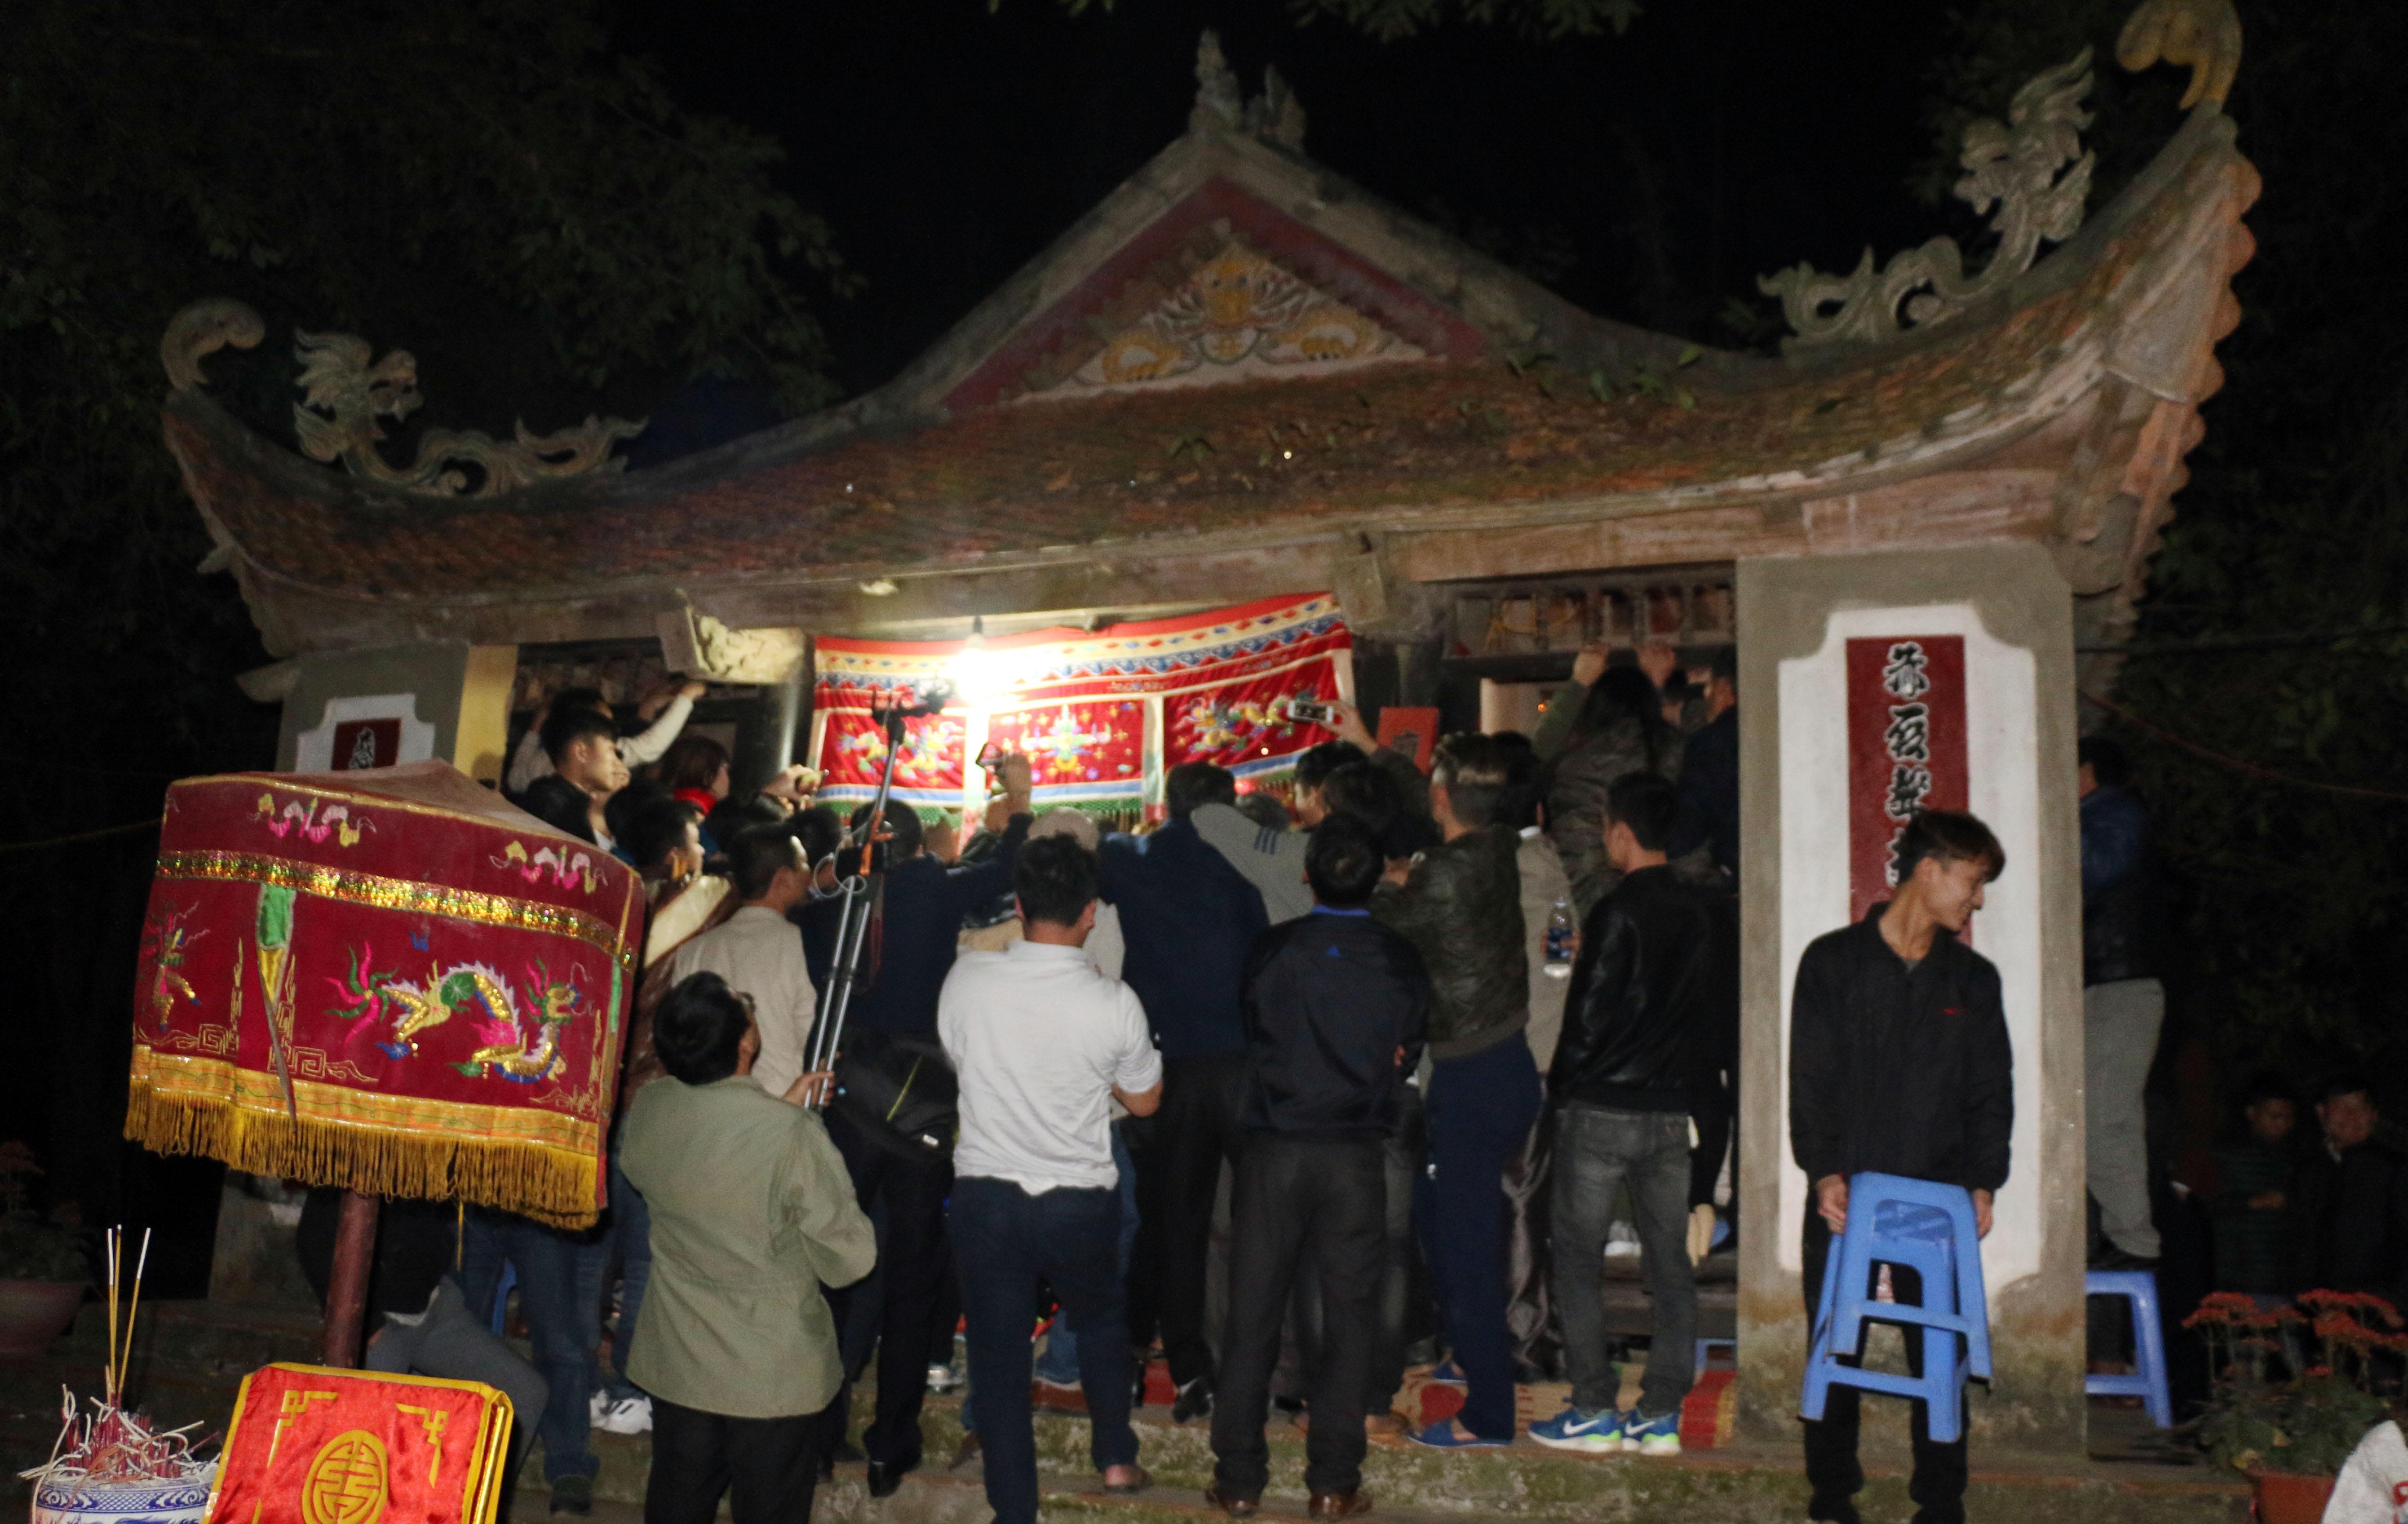 Hình ảnh Người dân vây kín miếu xem cặp vợ chồng làm chuyện ấy lúc nửa đêm tại lễ hội linh tinh tình phộc số 2